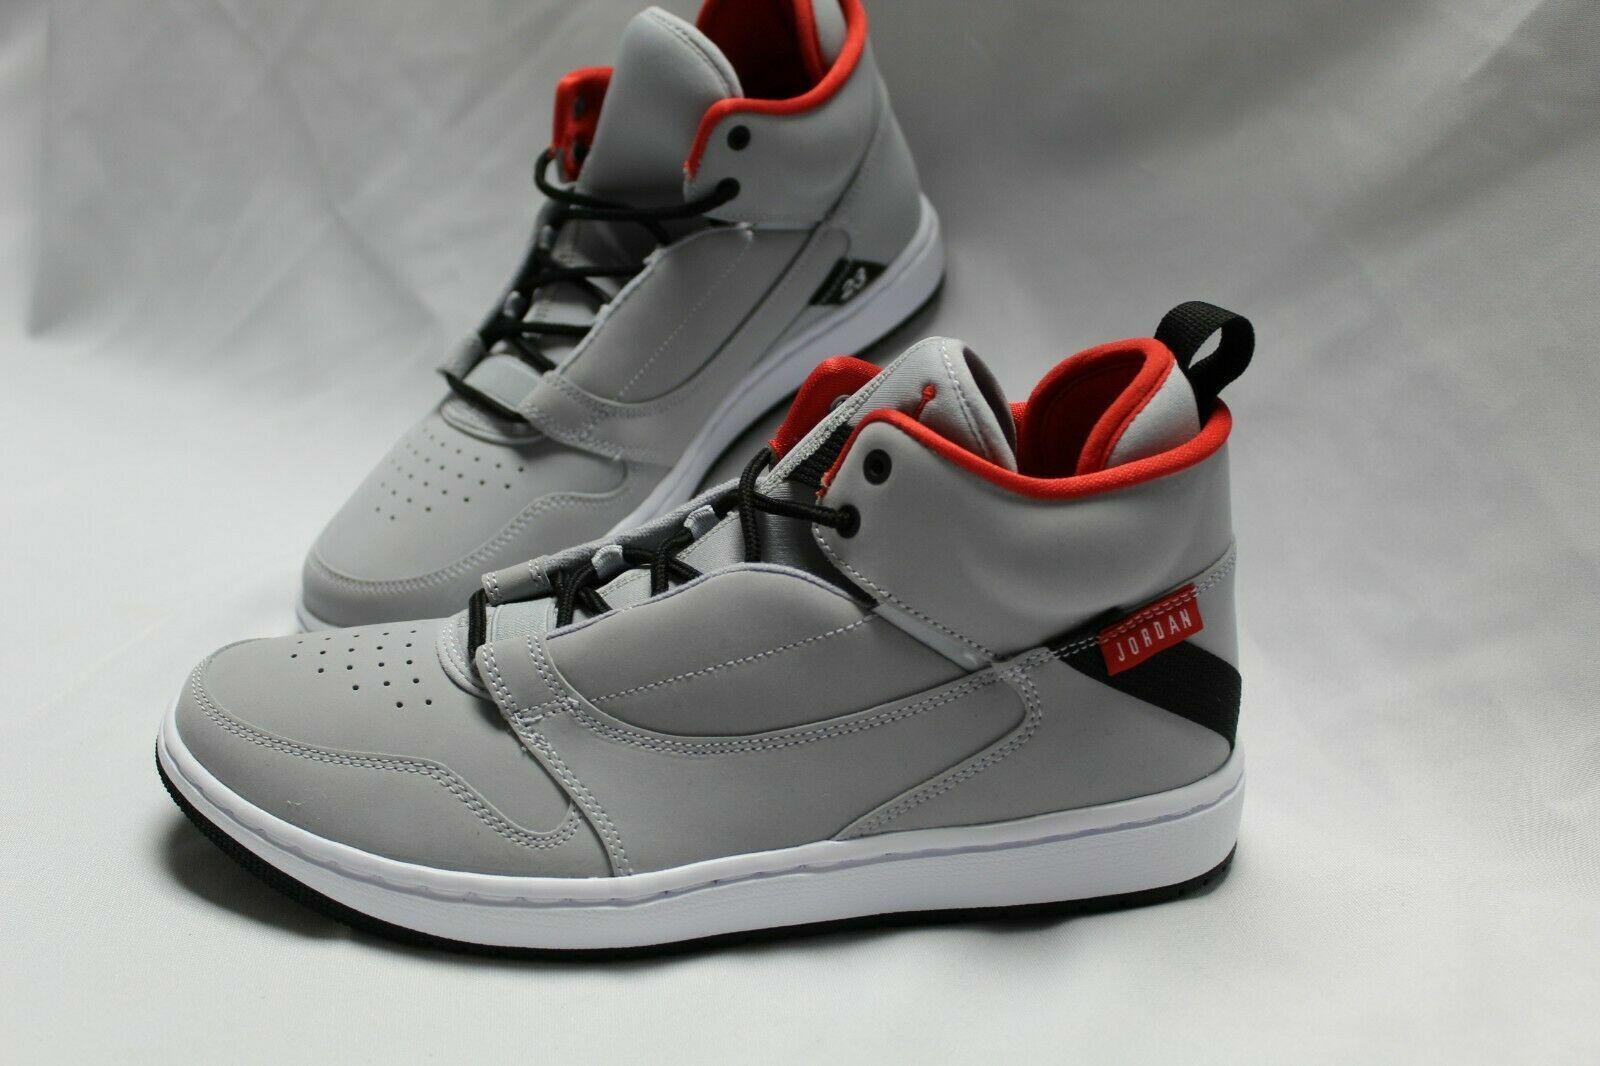 Men's Nike JORDAN FADEAWAY shoes  Size  9  (AO1329 060)